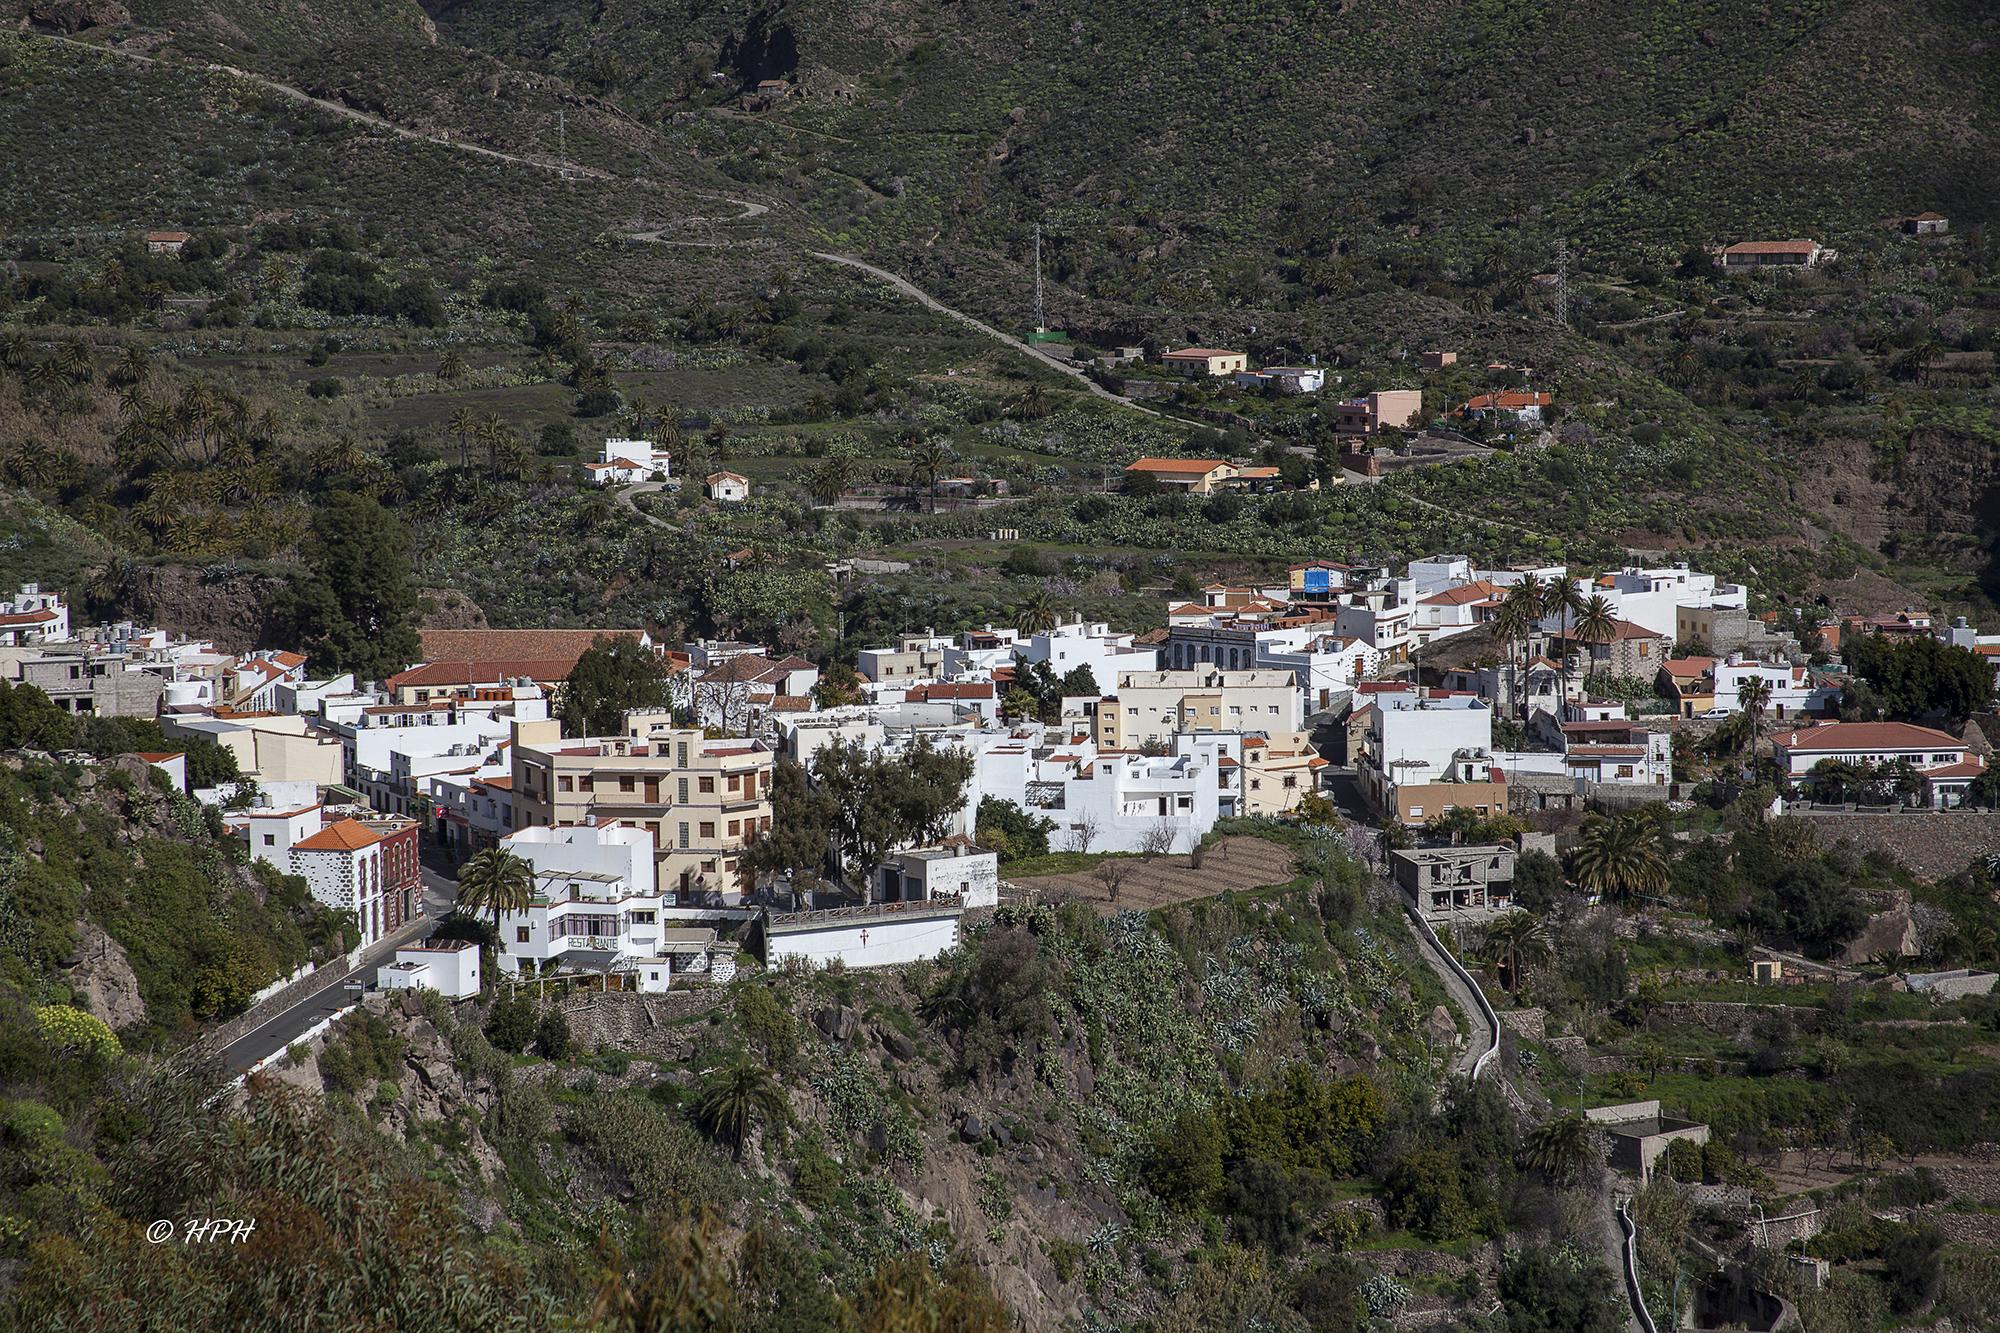 San Bartolome de Tirajana, Spain